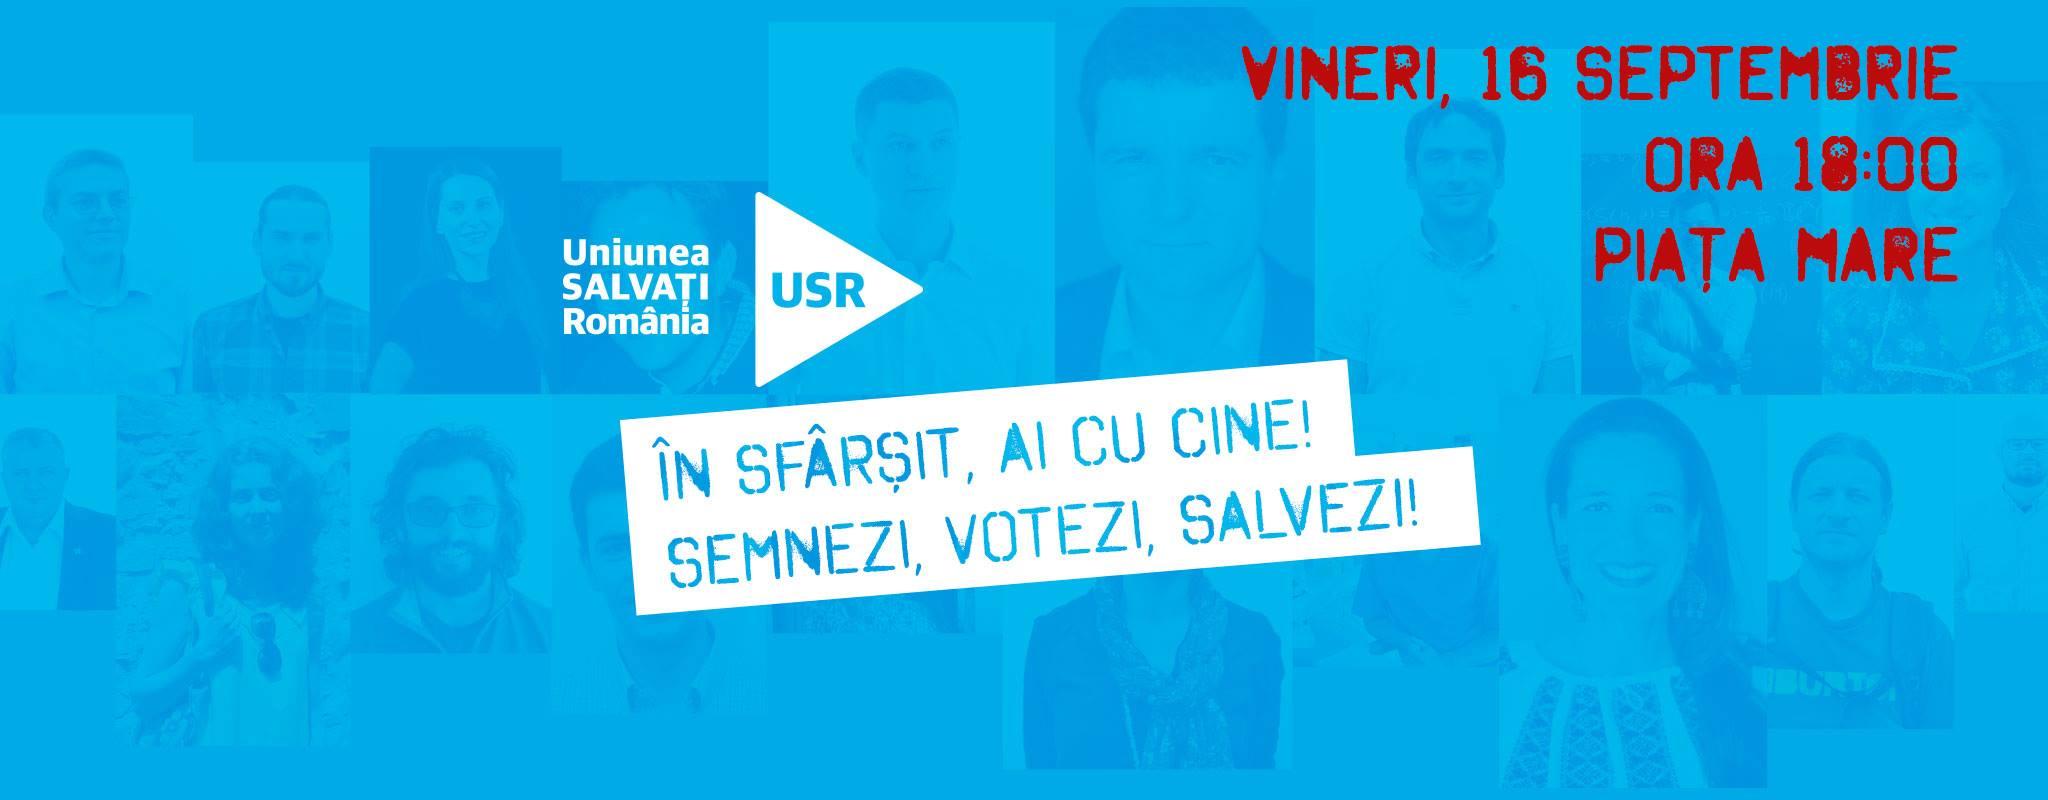 Semnături pentru Uniunea Salvați România (Sibiu)